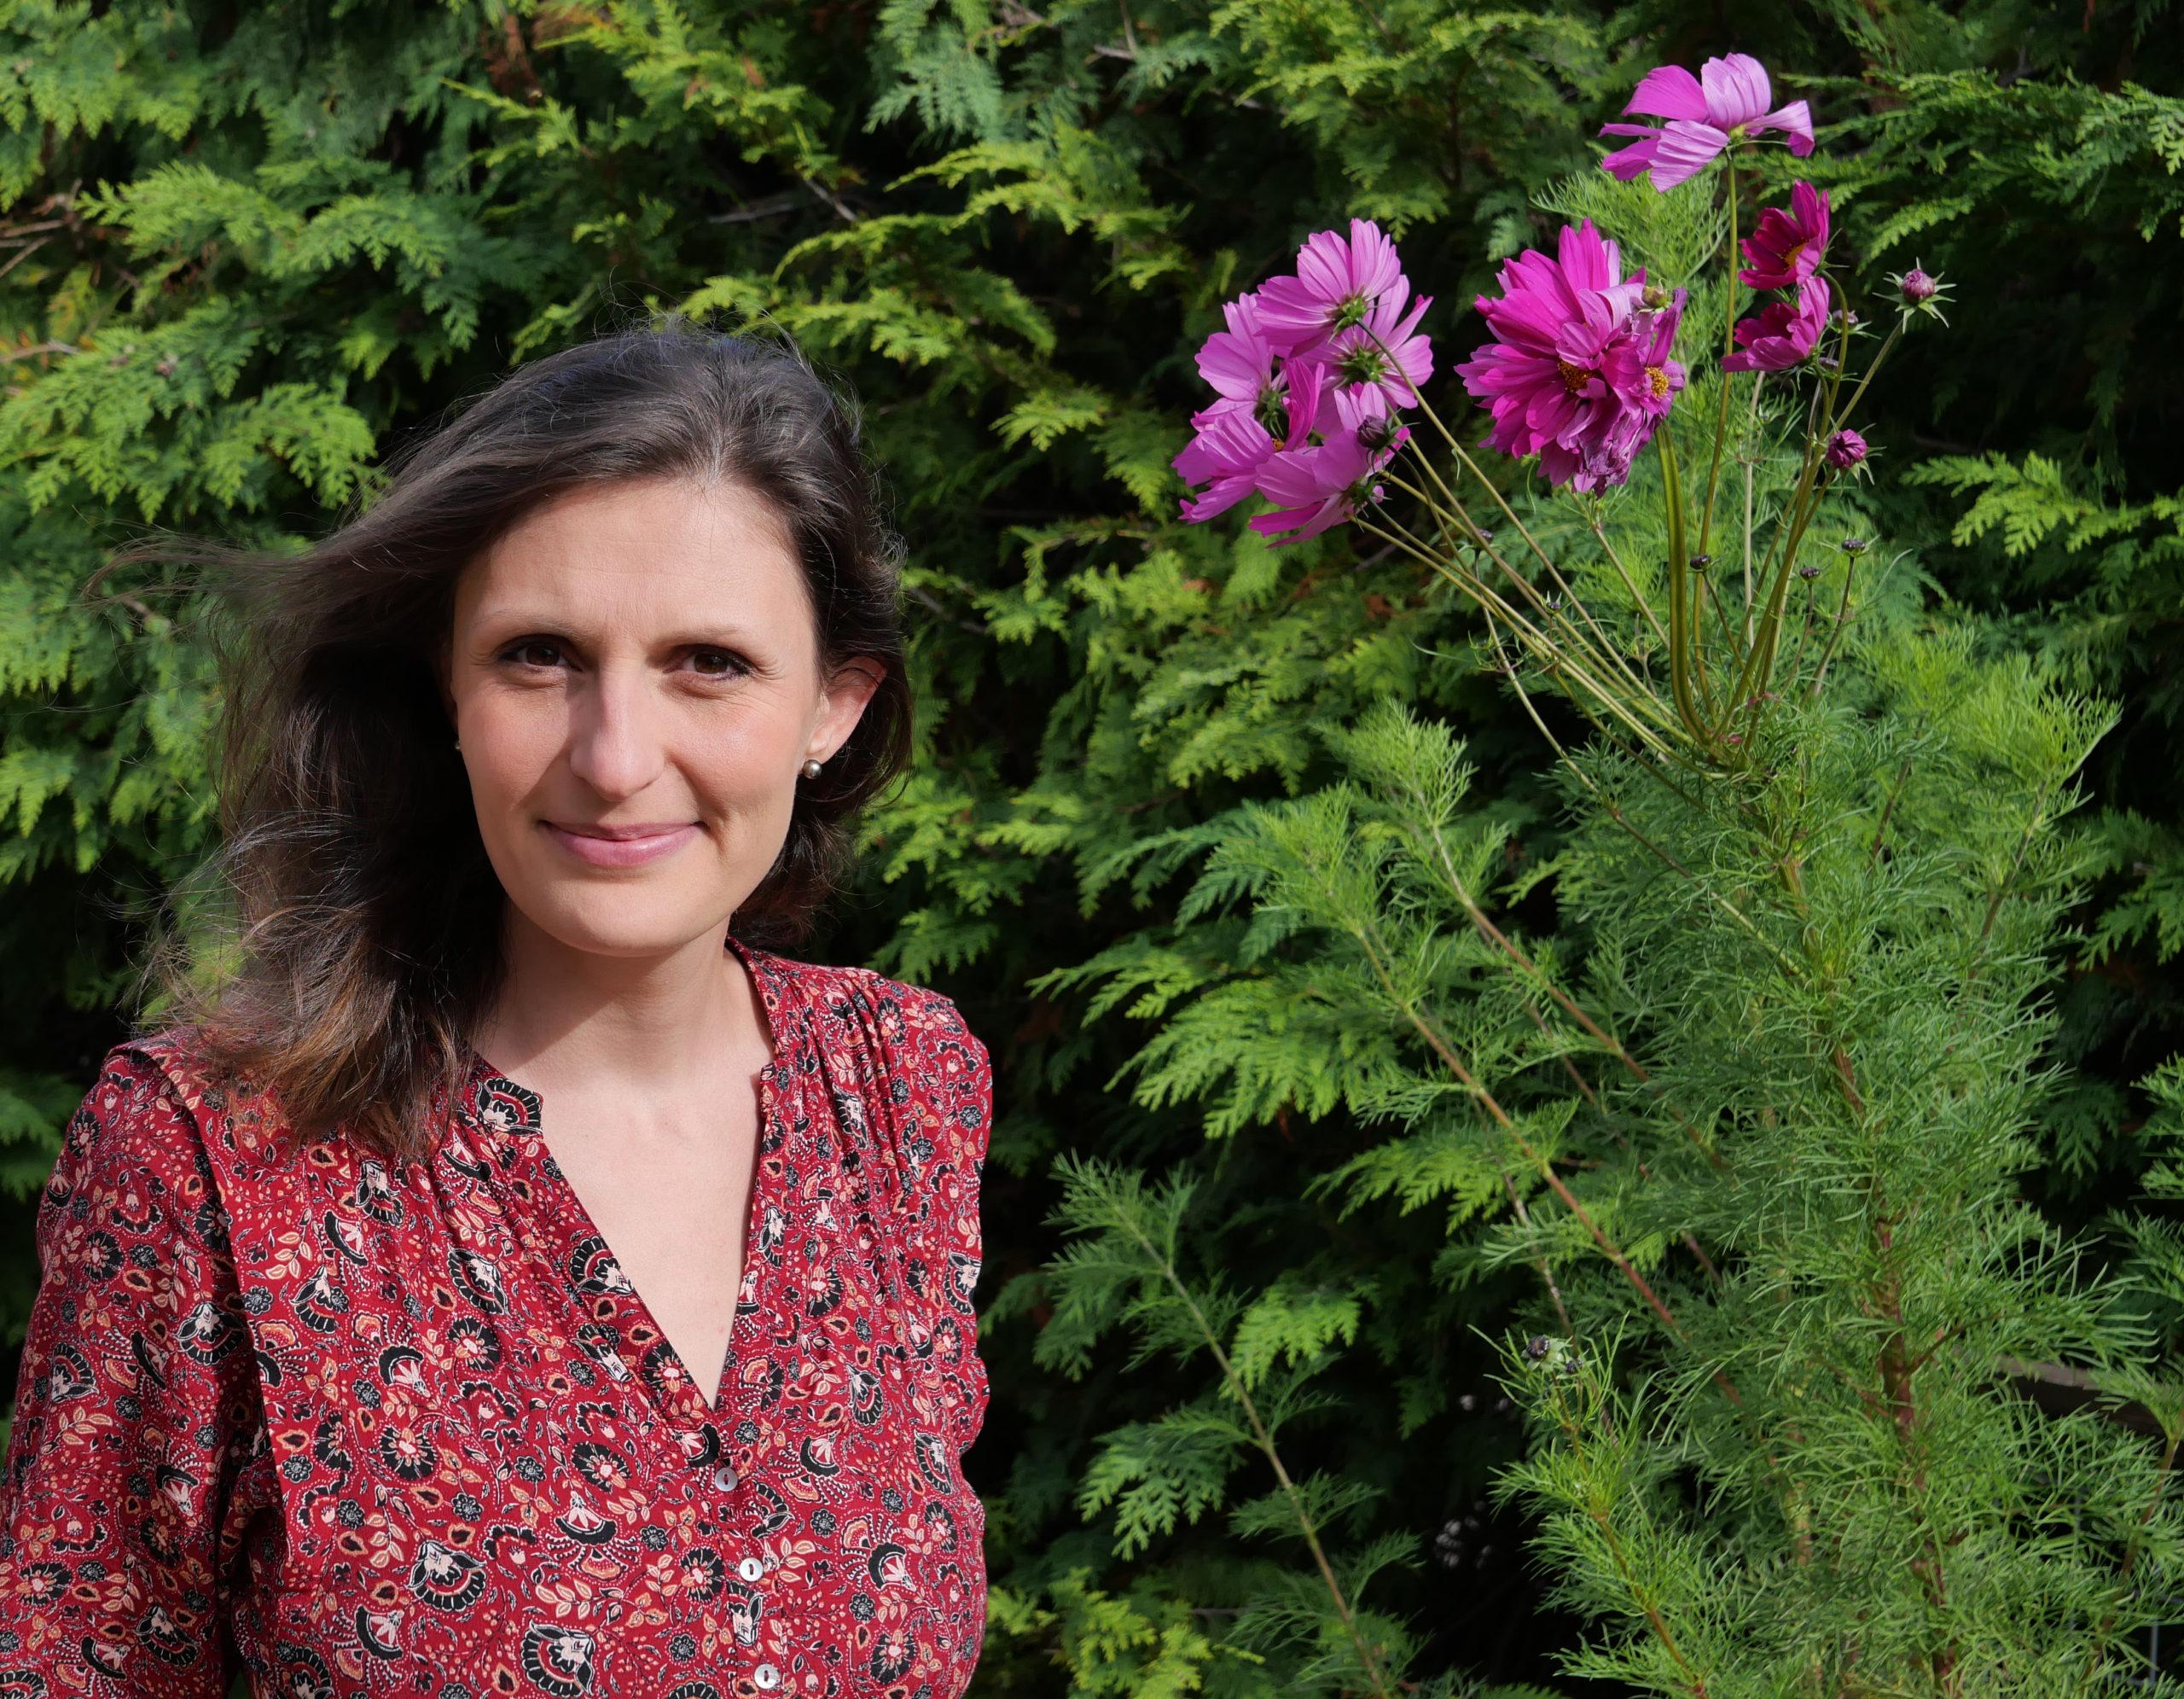 Lucie Jaquot